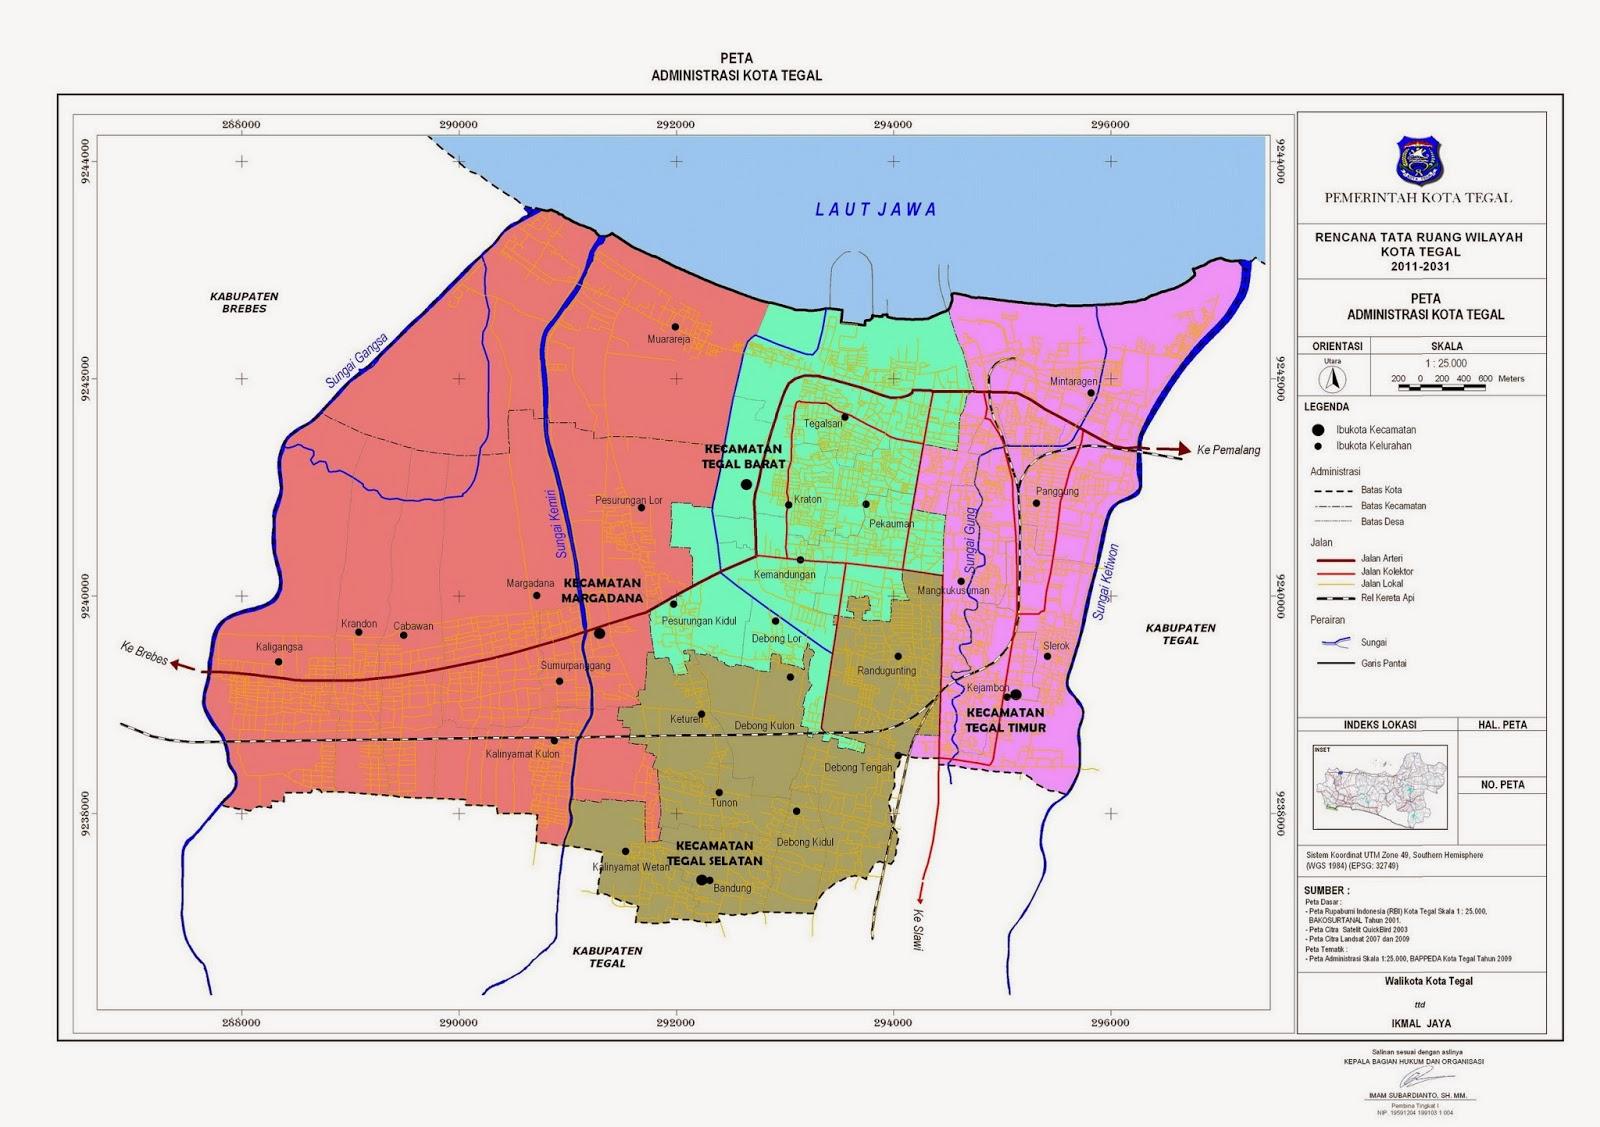 > Peta Lengkap Indonesia: Peta Administrasi Kota Tegal